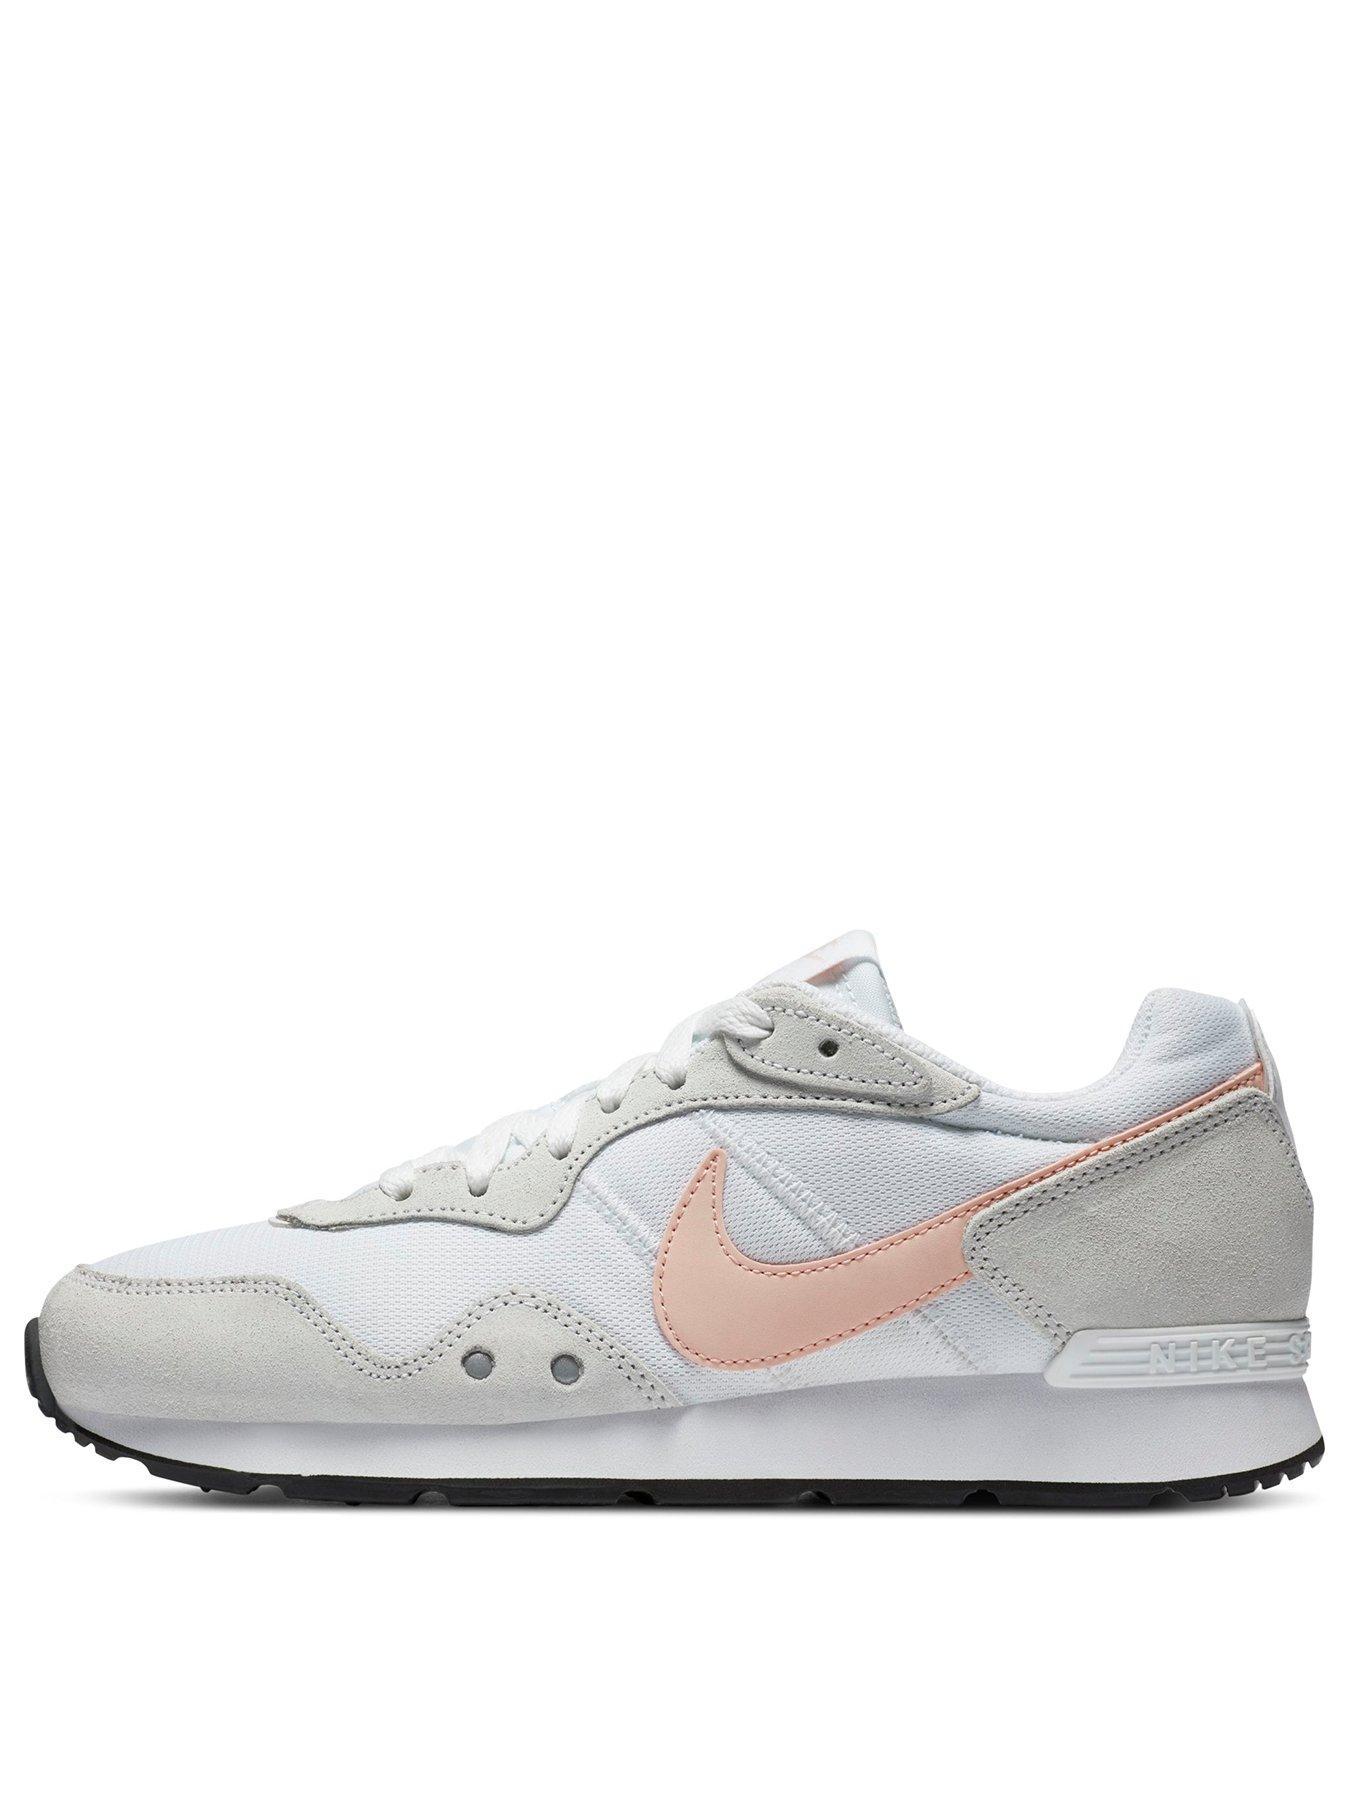 white trainer sale